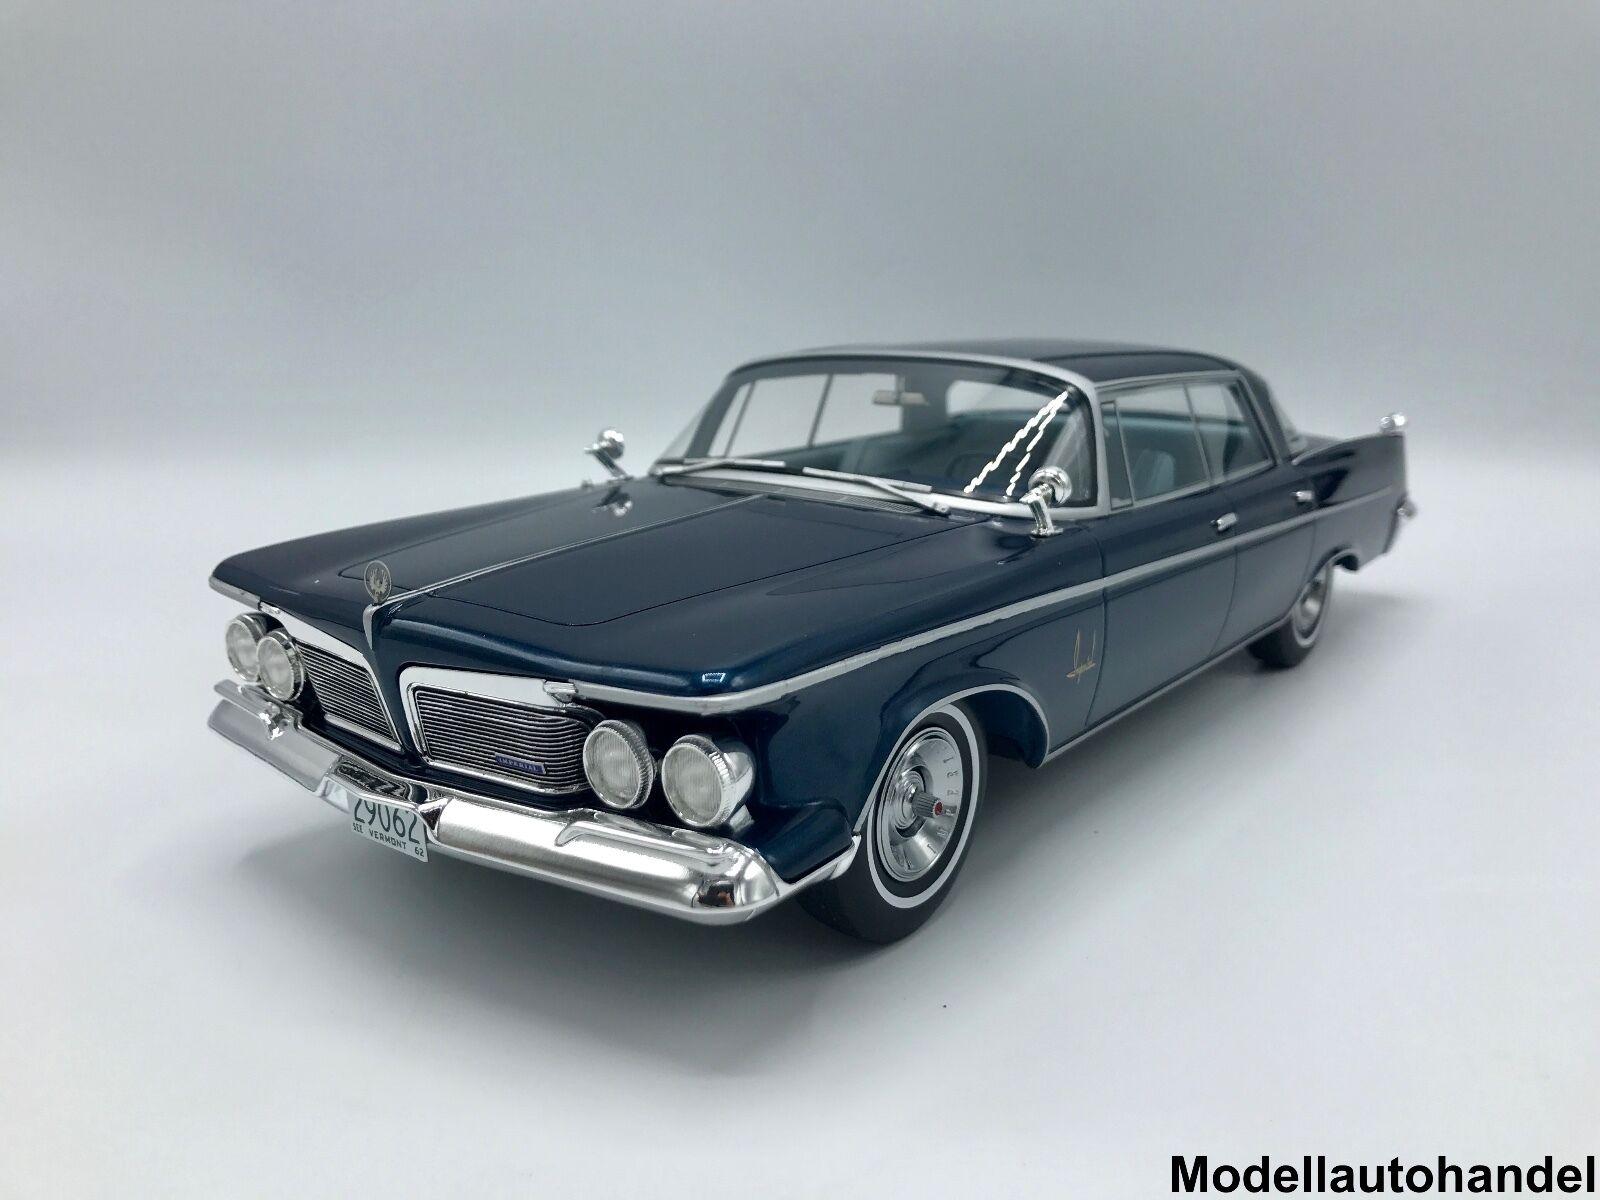 lo último Imperial crown southampton 4-door 1962 metallic-azul 1 18 bos bos bos     nuevo  A la venta con descuento del 70%.